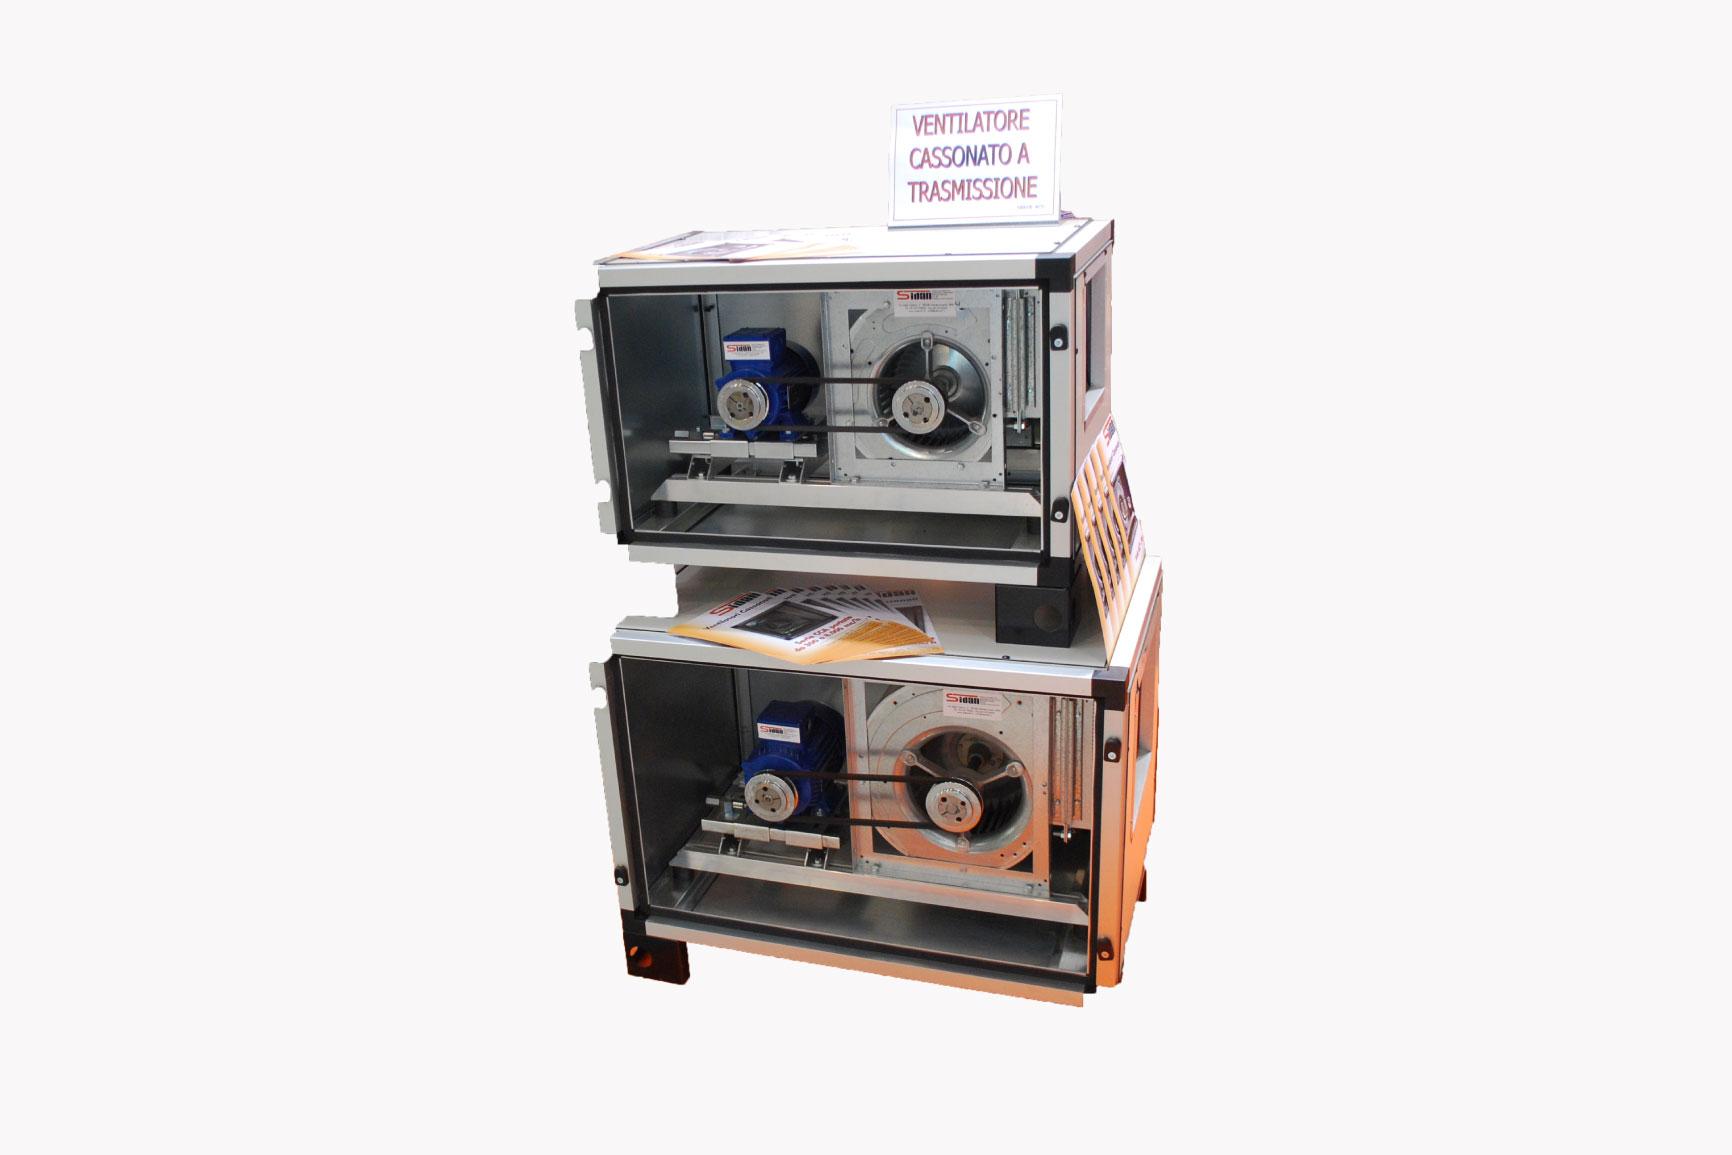 Ventilatore cassonato - Sidan